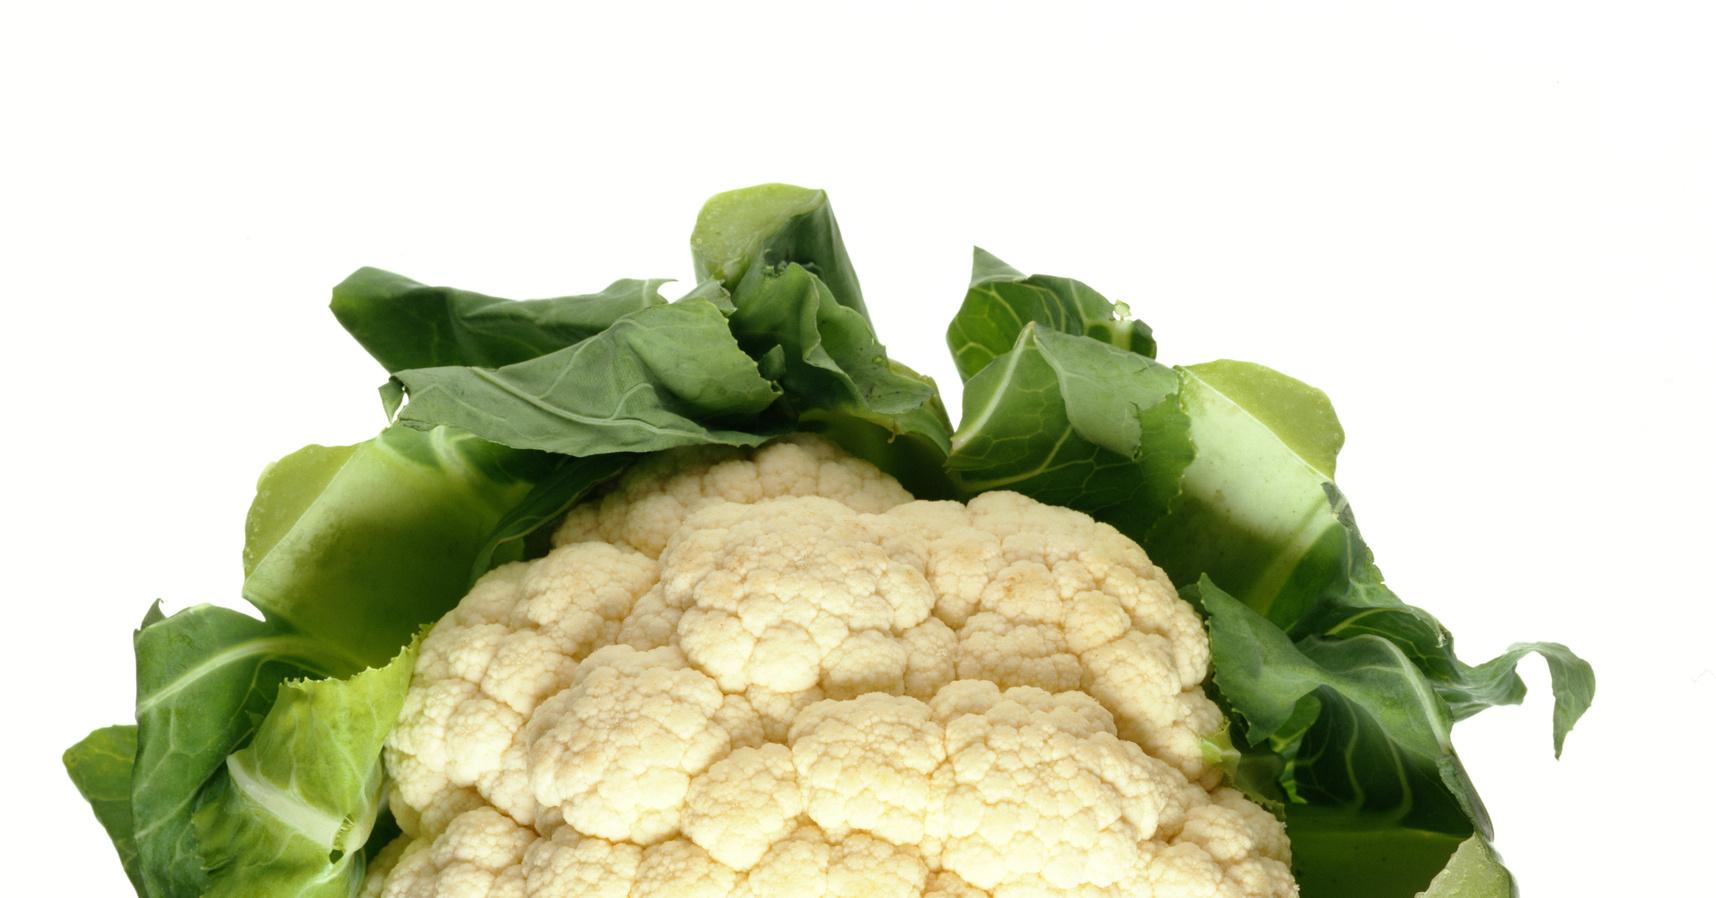 сколько варится капуста брокколи и цветная капуста